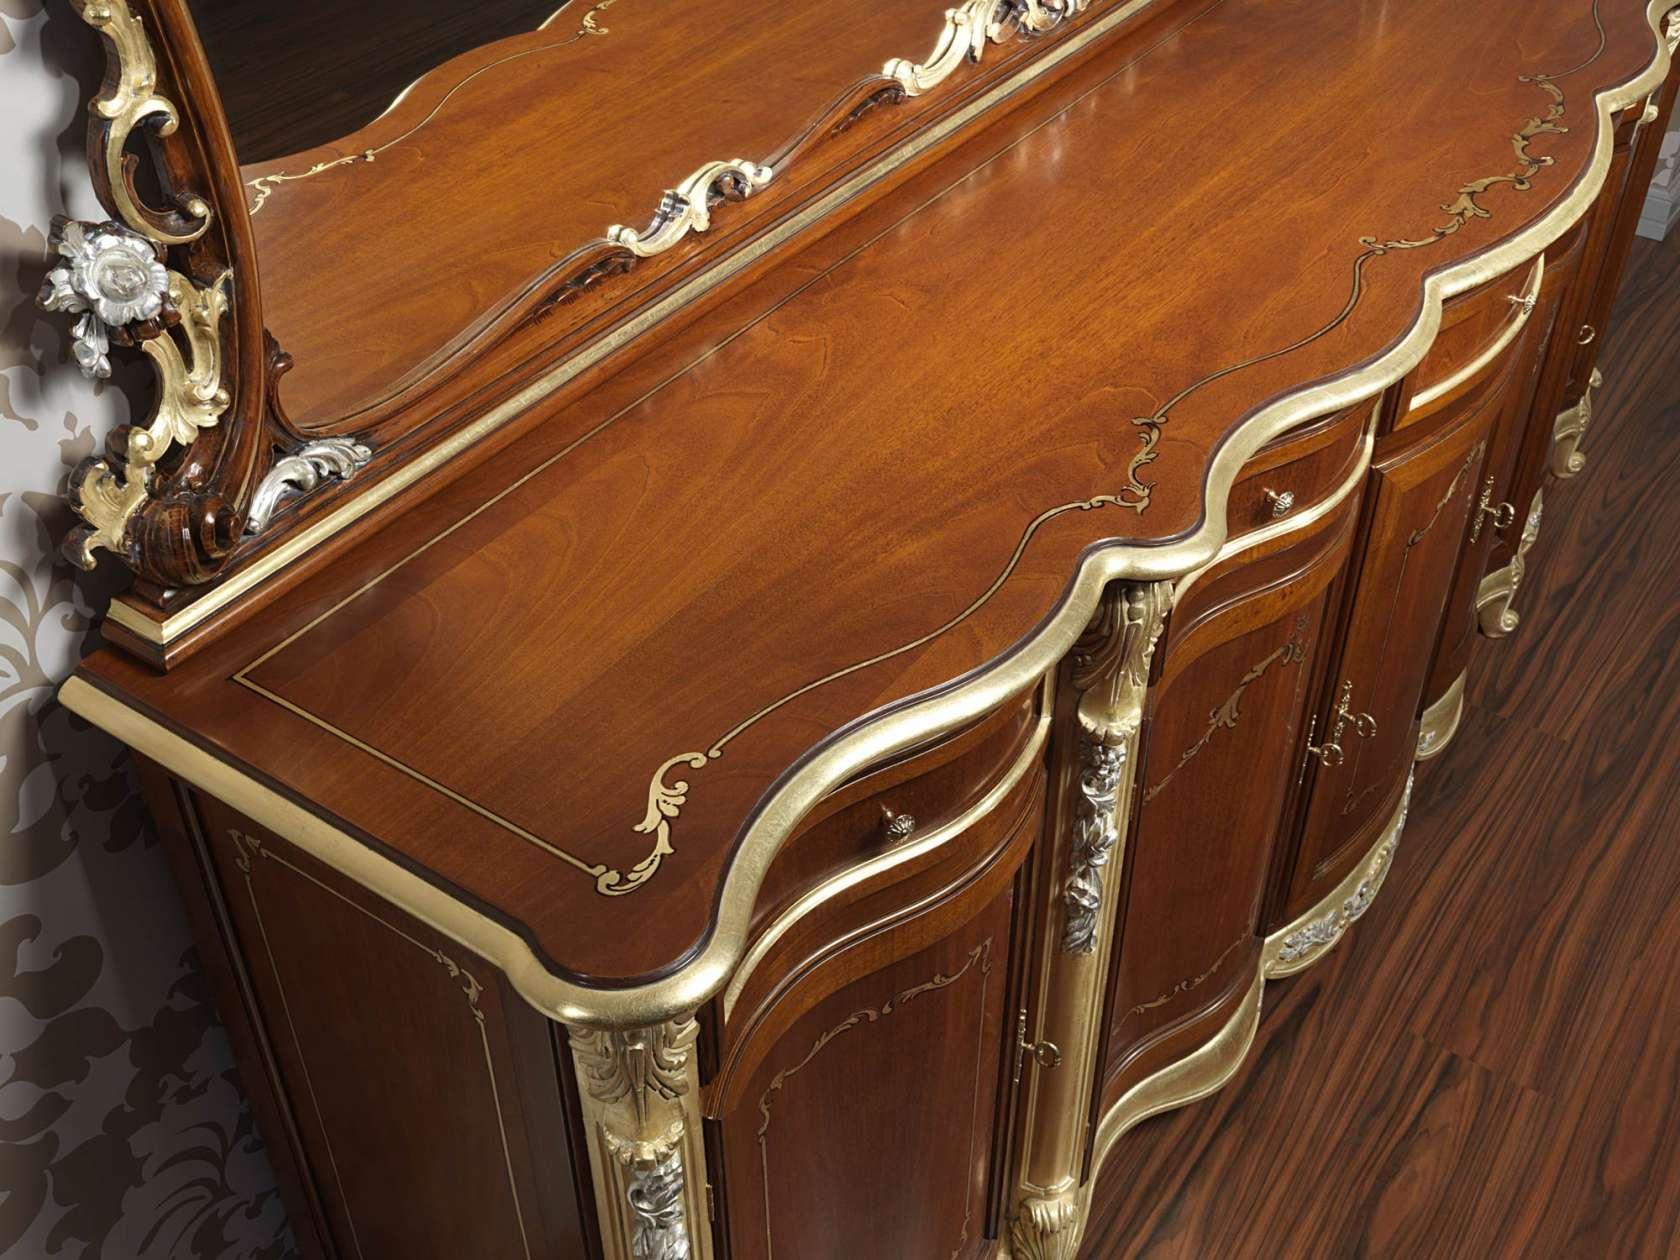 Credenza Per Sala : Credenza per sala di lusso in stile classico luigi xv vimercati meda